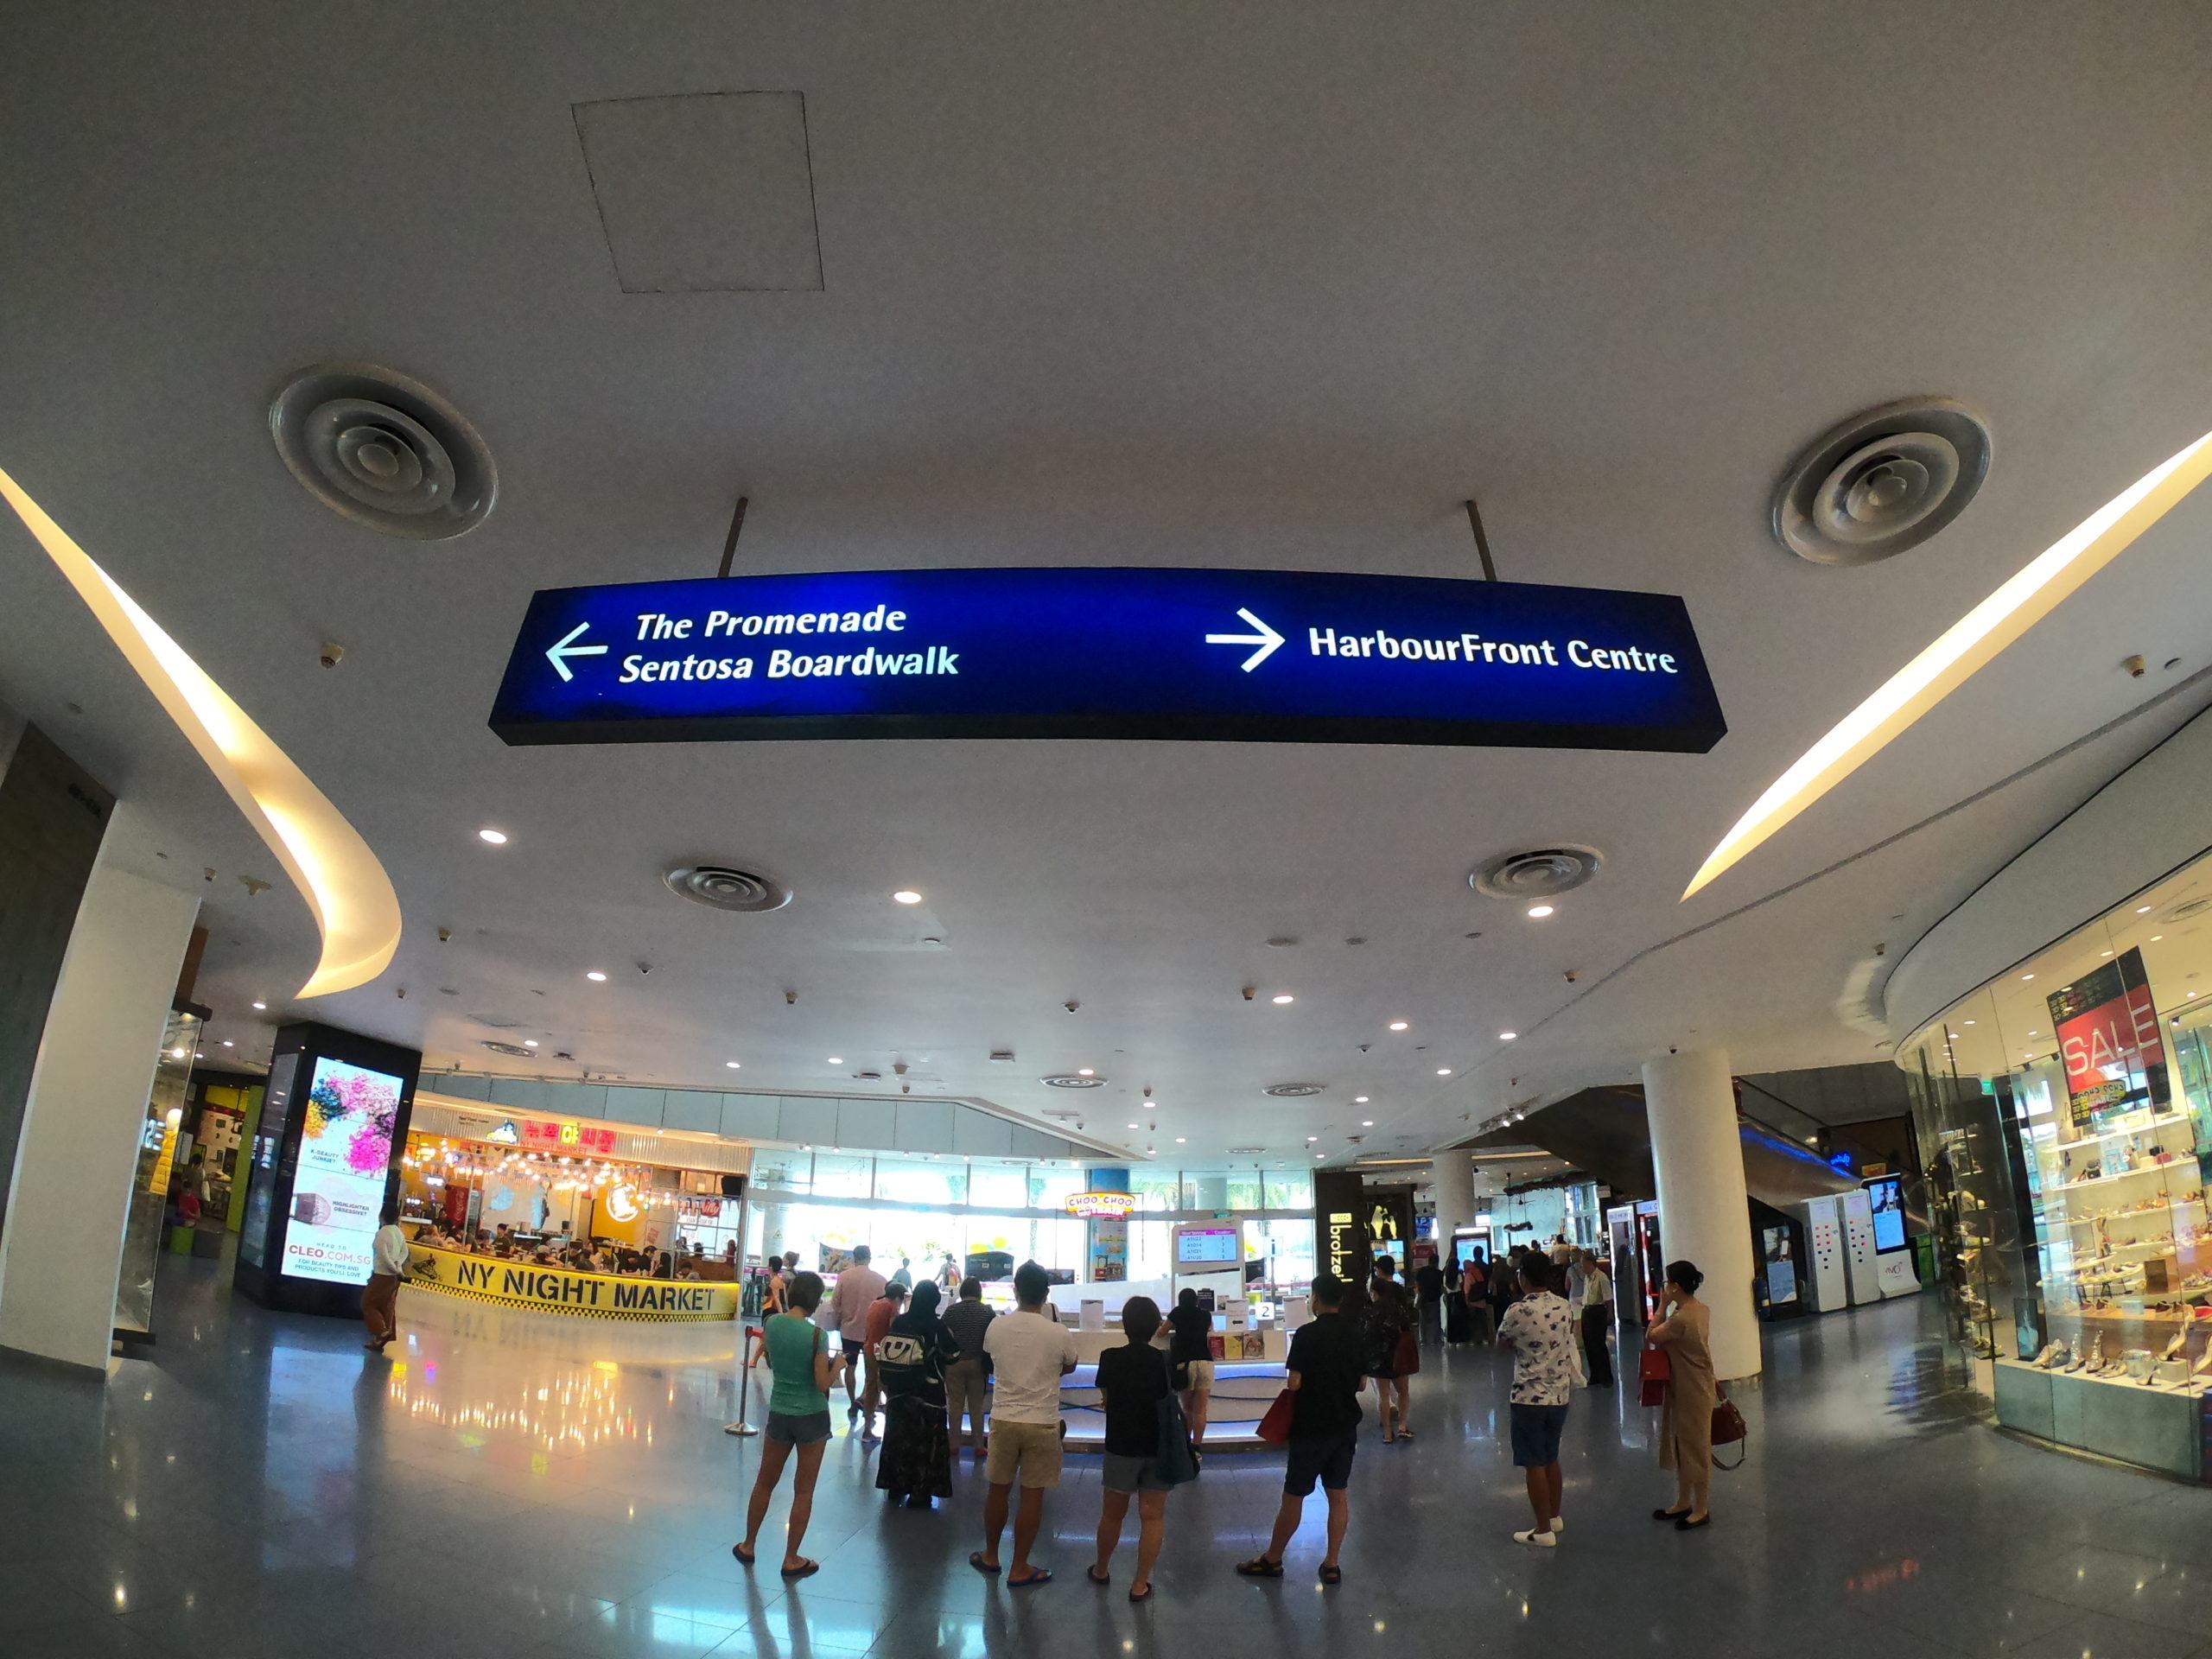 ユニバーサルスタジオシンガポール ベイフロントウォーク